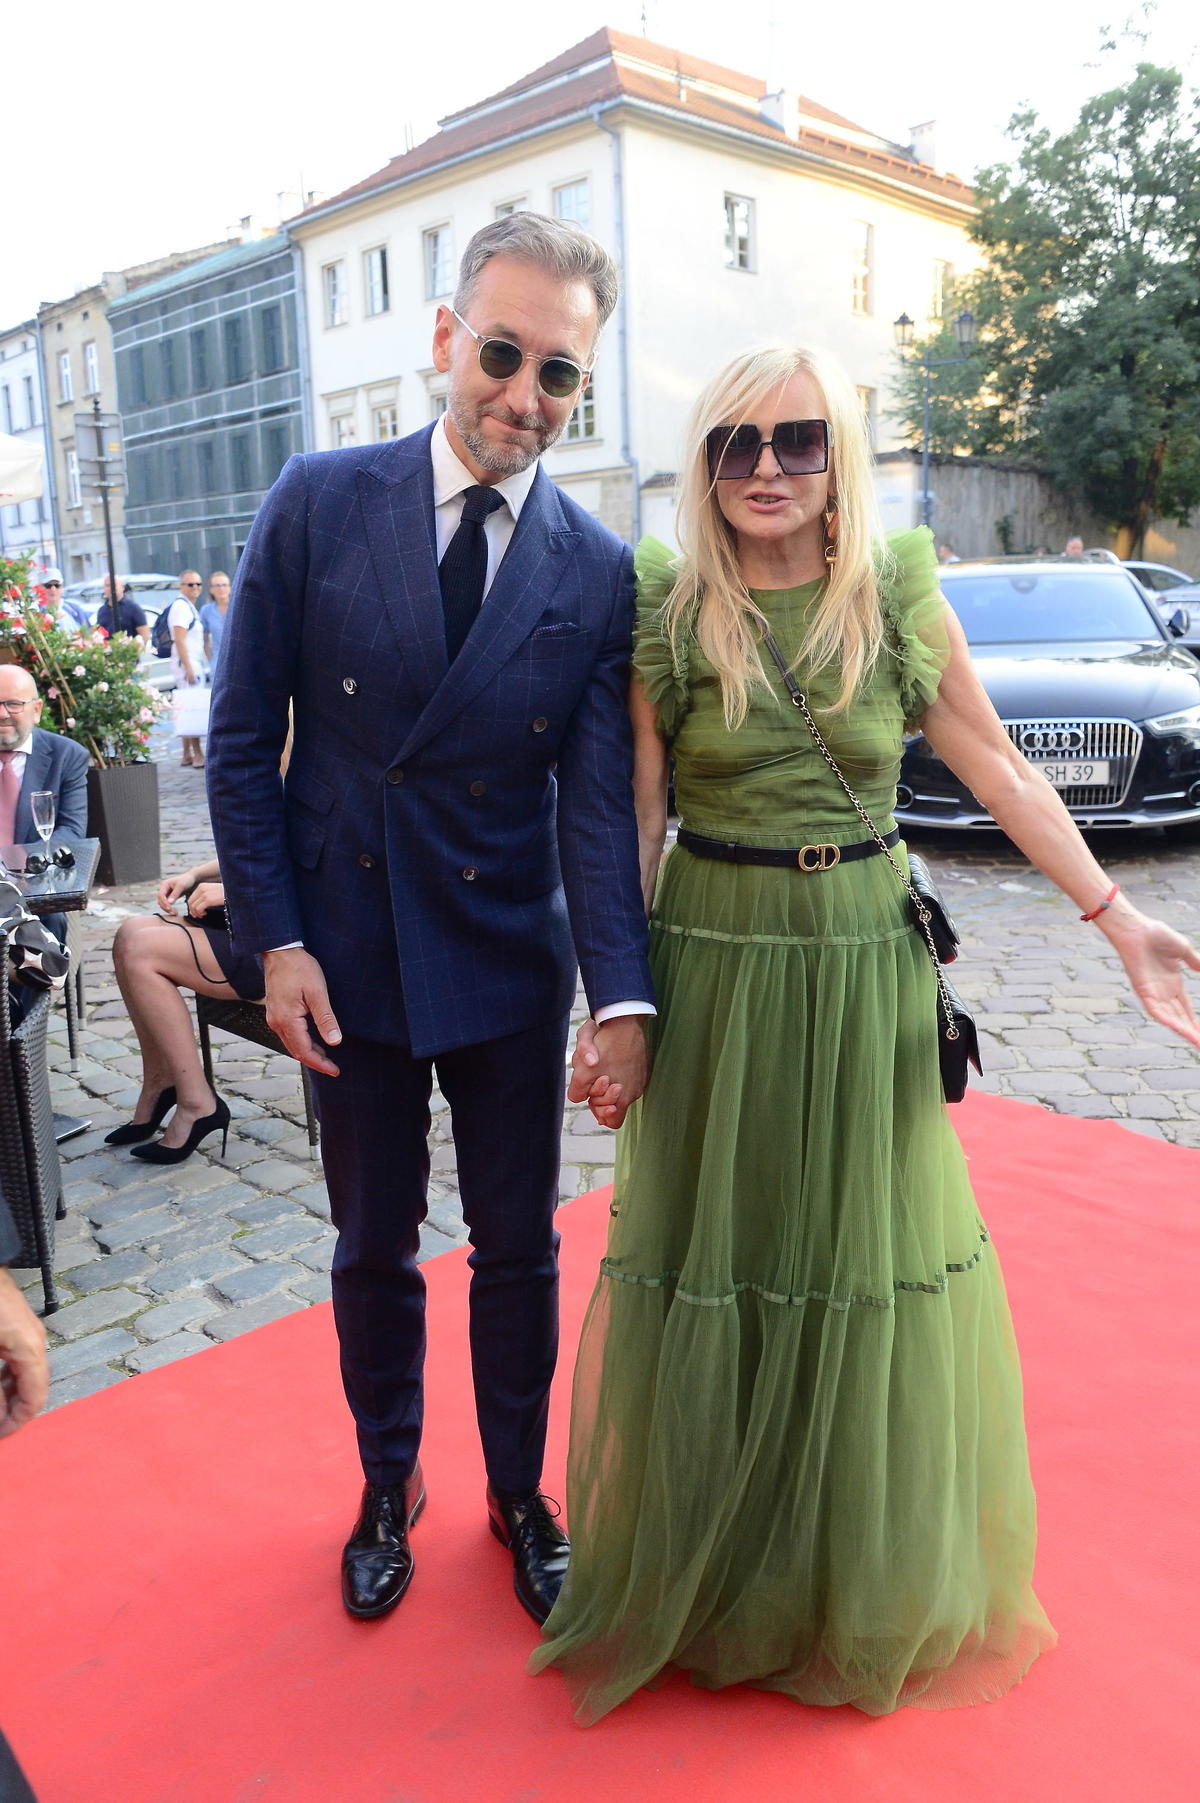 Monika Olejnik i Piotr Kraśko na ślubie Edwarda Miszczaka i Anny Cieślak